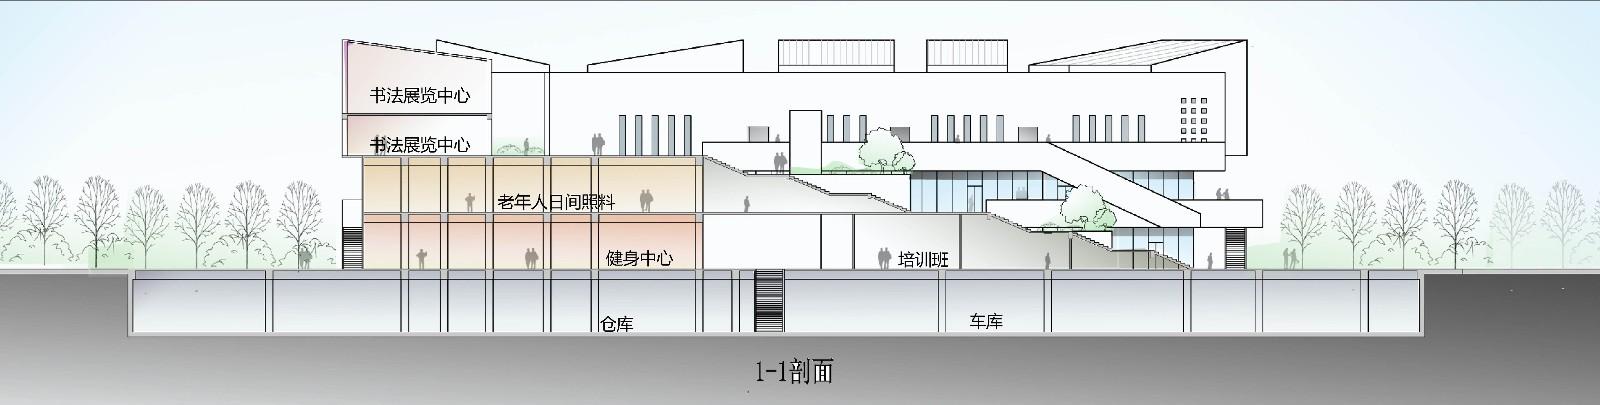 上海南翔东社区邻里中心/赛朴莱茵(XYP)